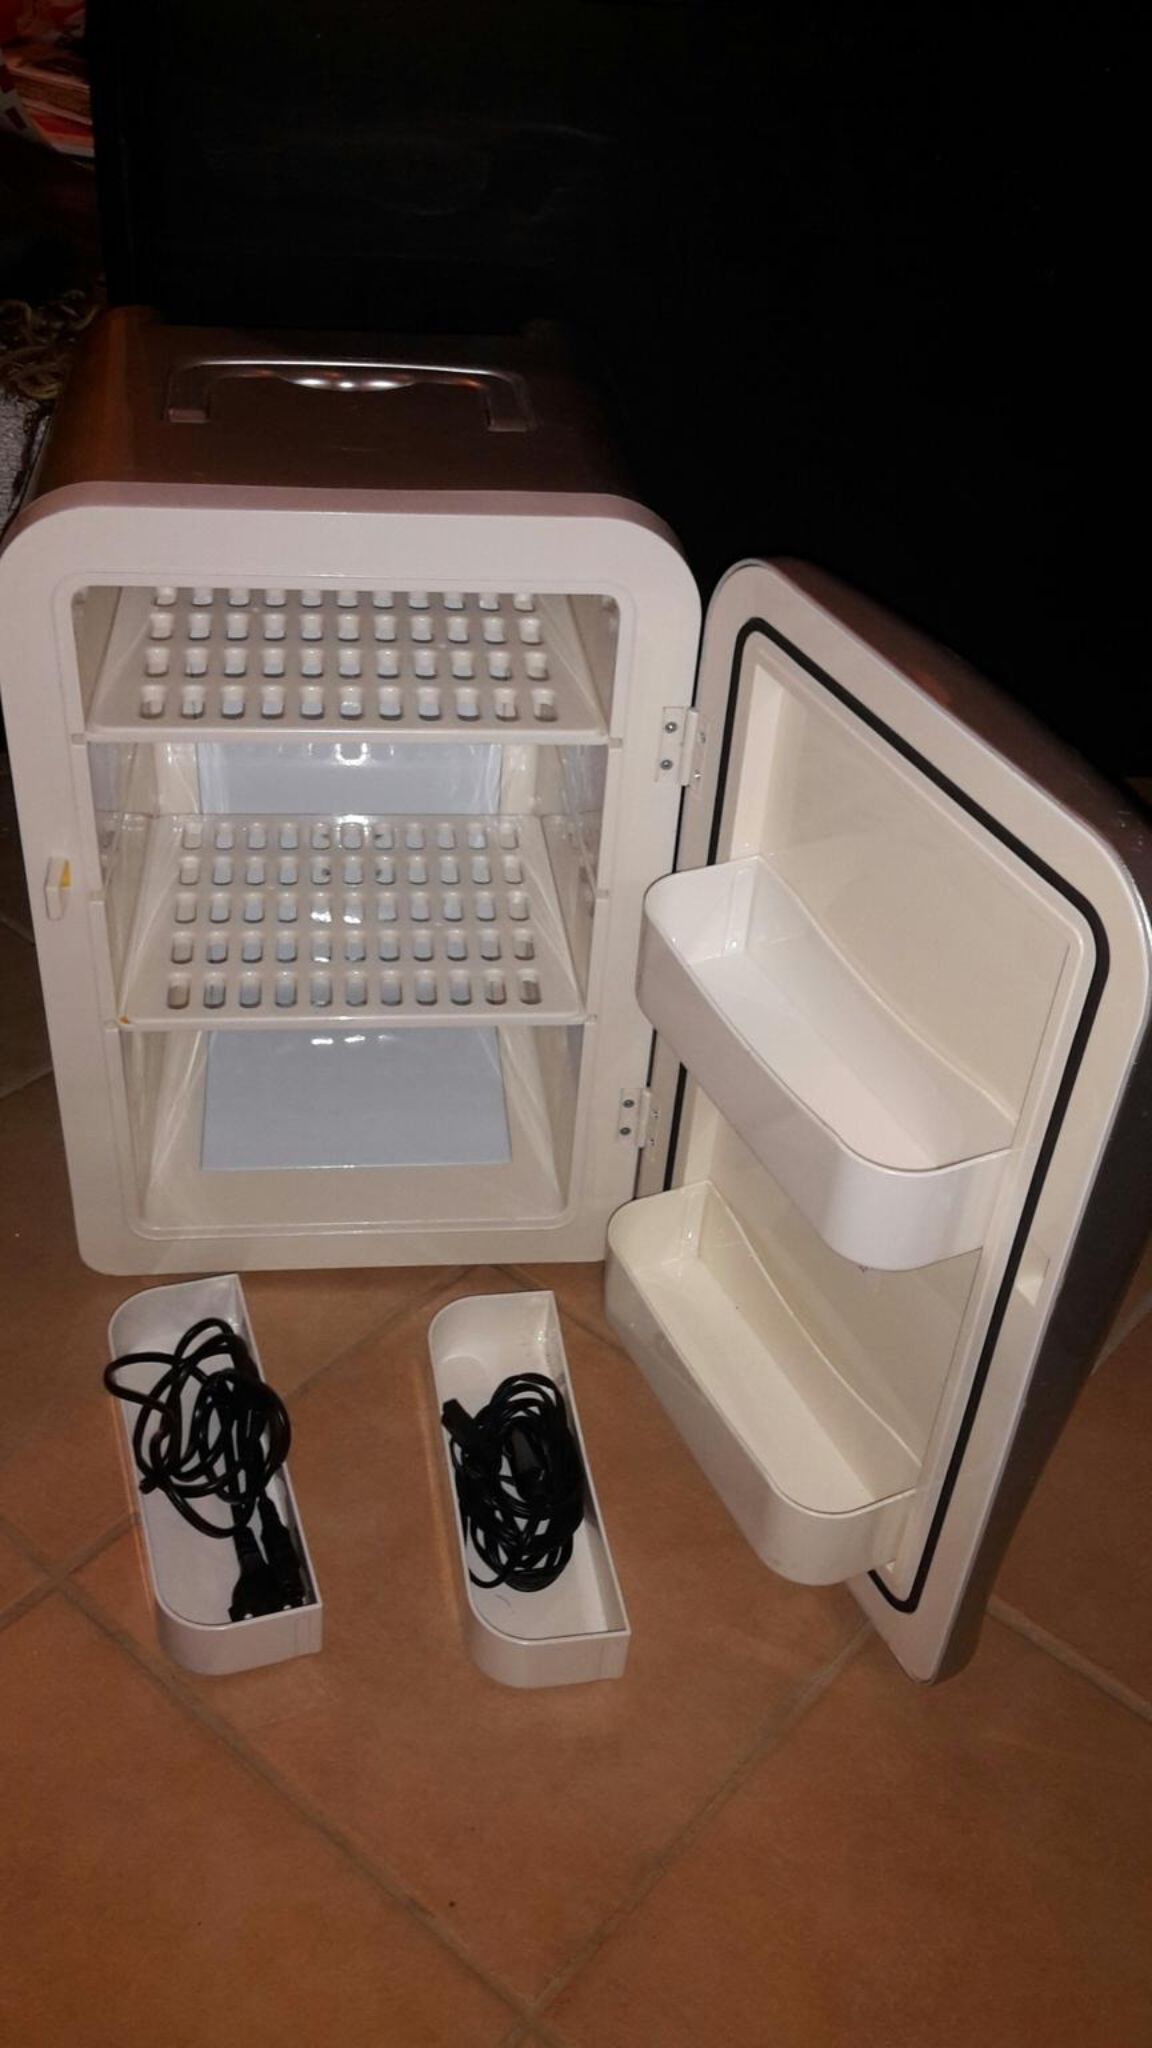 Mini Kühlschrank Unold : Unold dampfgarer mini allround mediamarkt